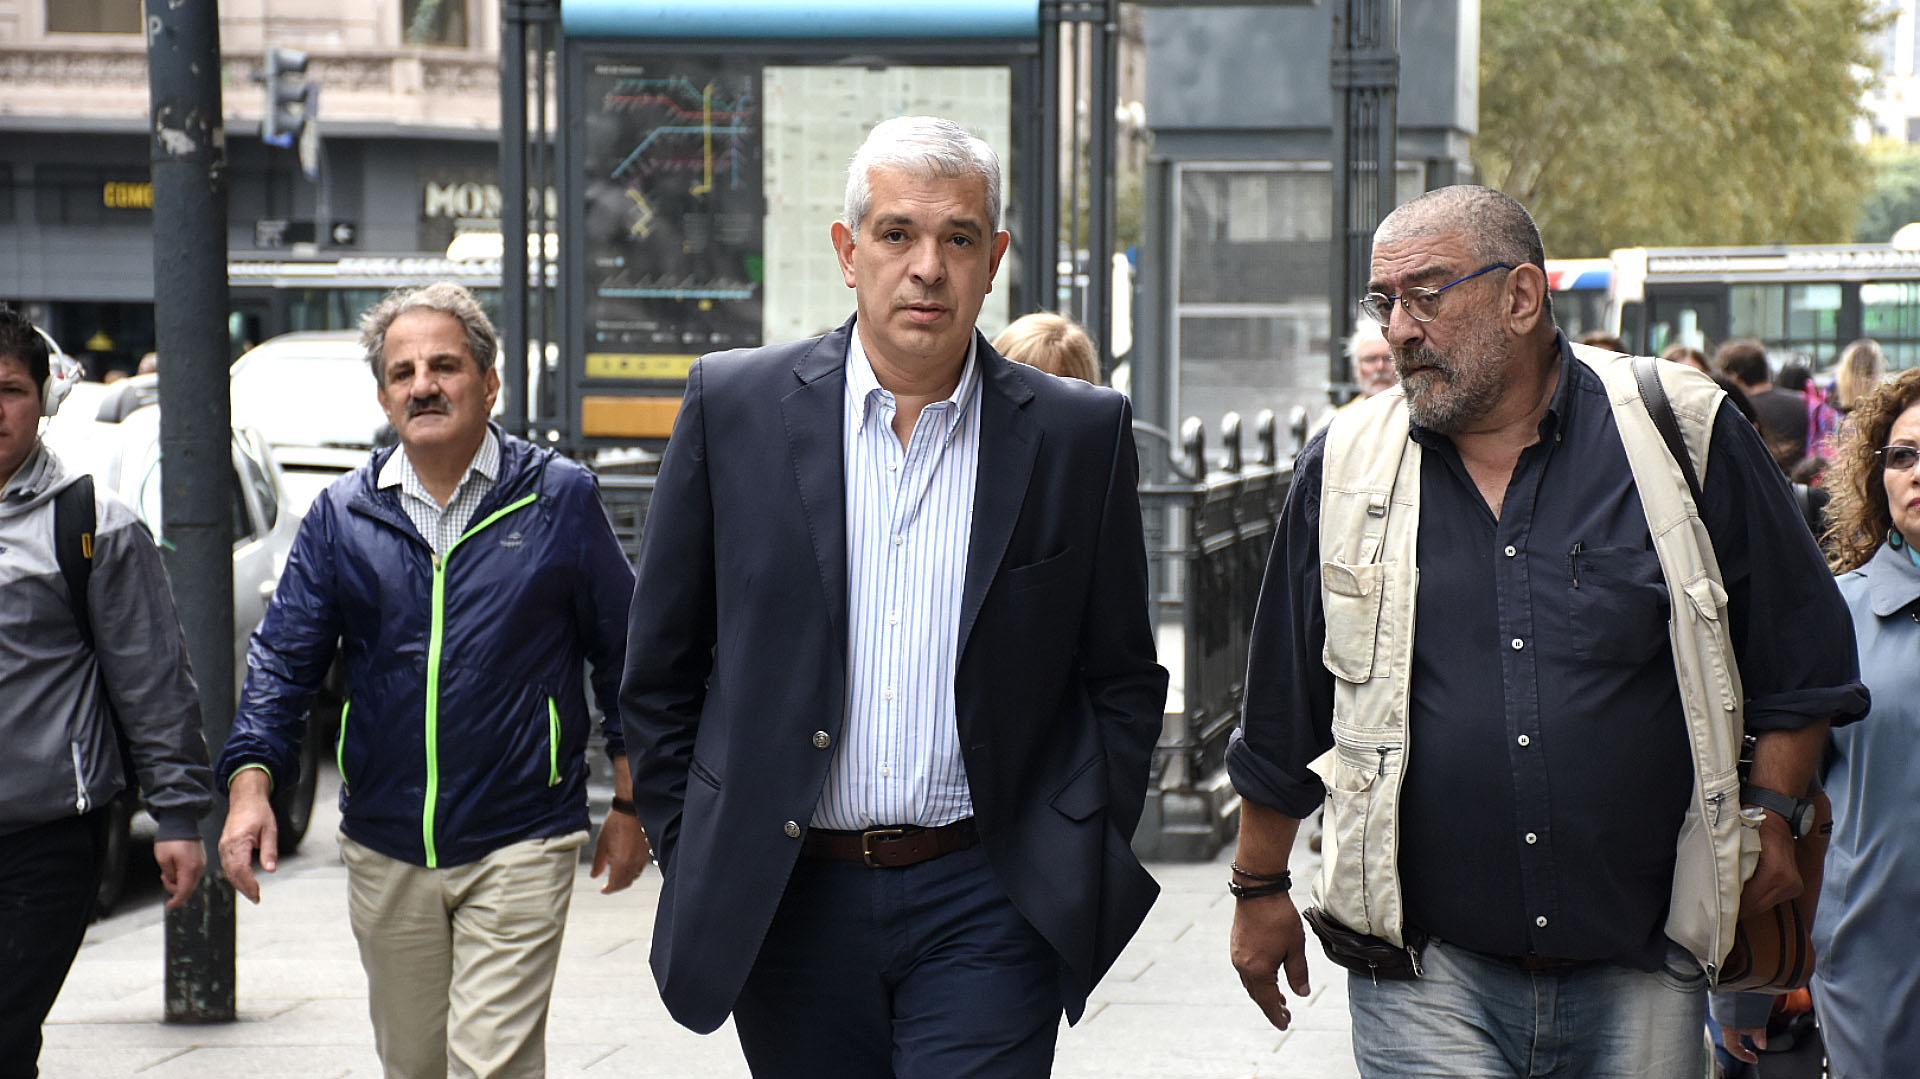 El ex presidente de la Cámara de Diputados y ex ministro de Agricultura, Julián Domínguez.